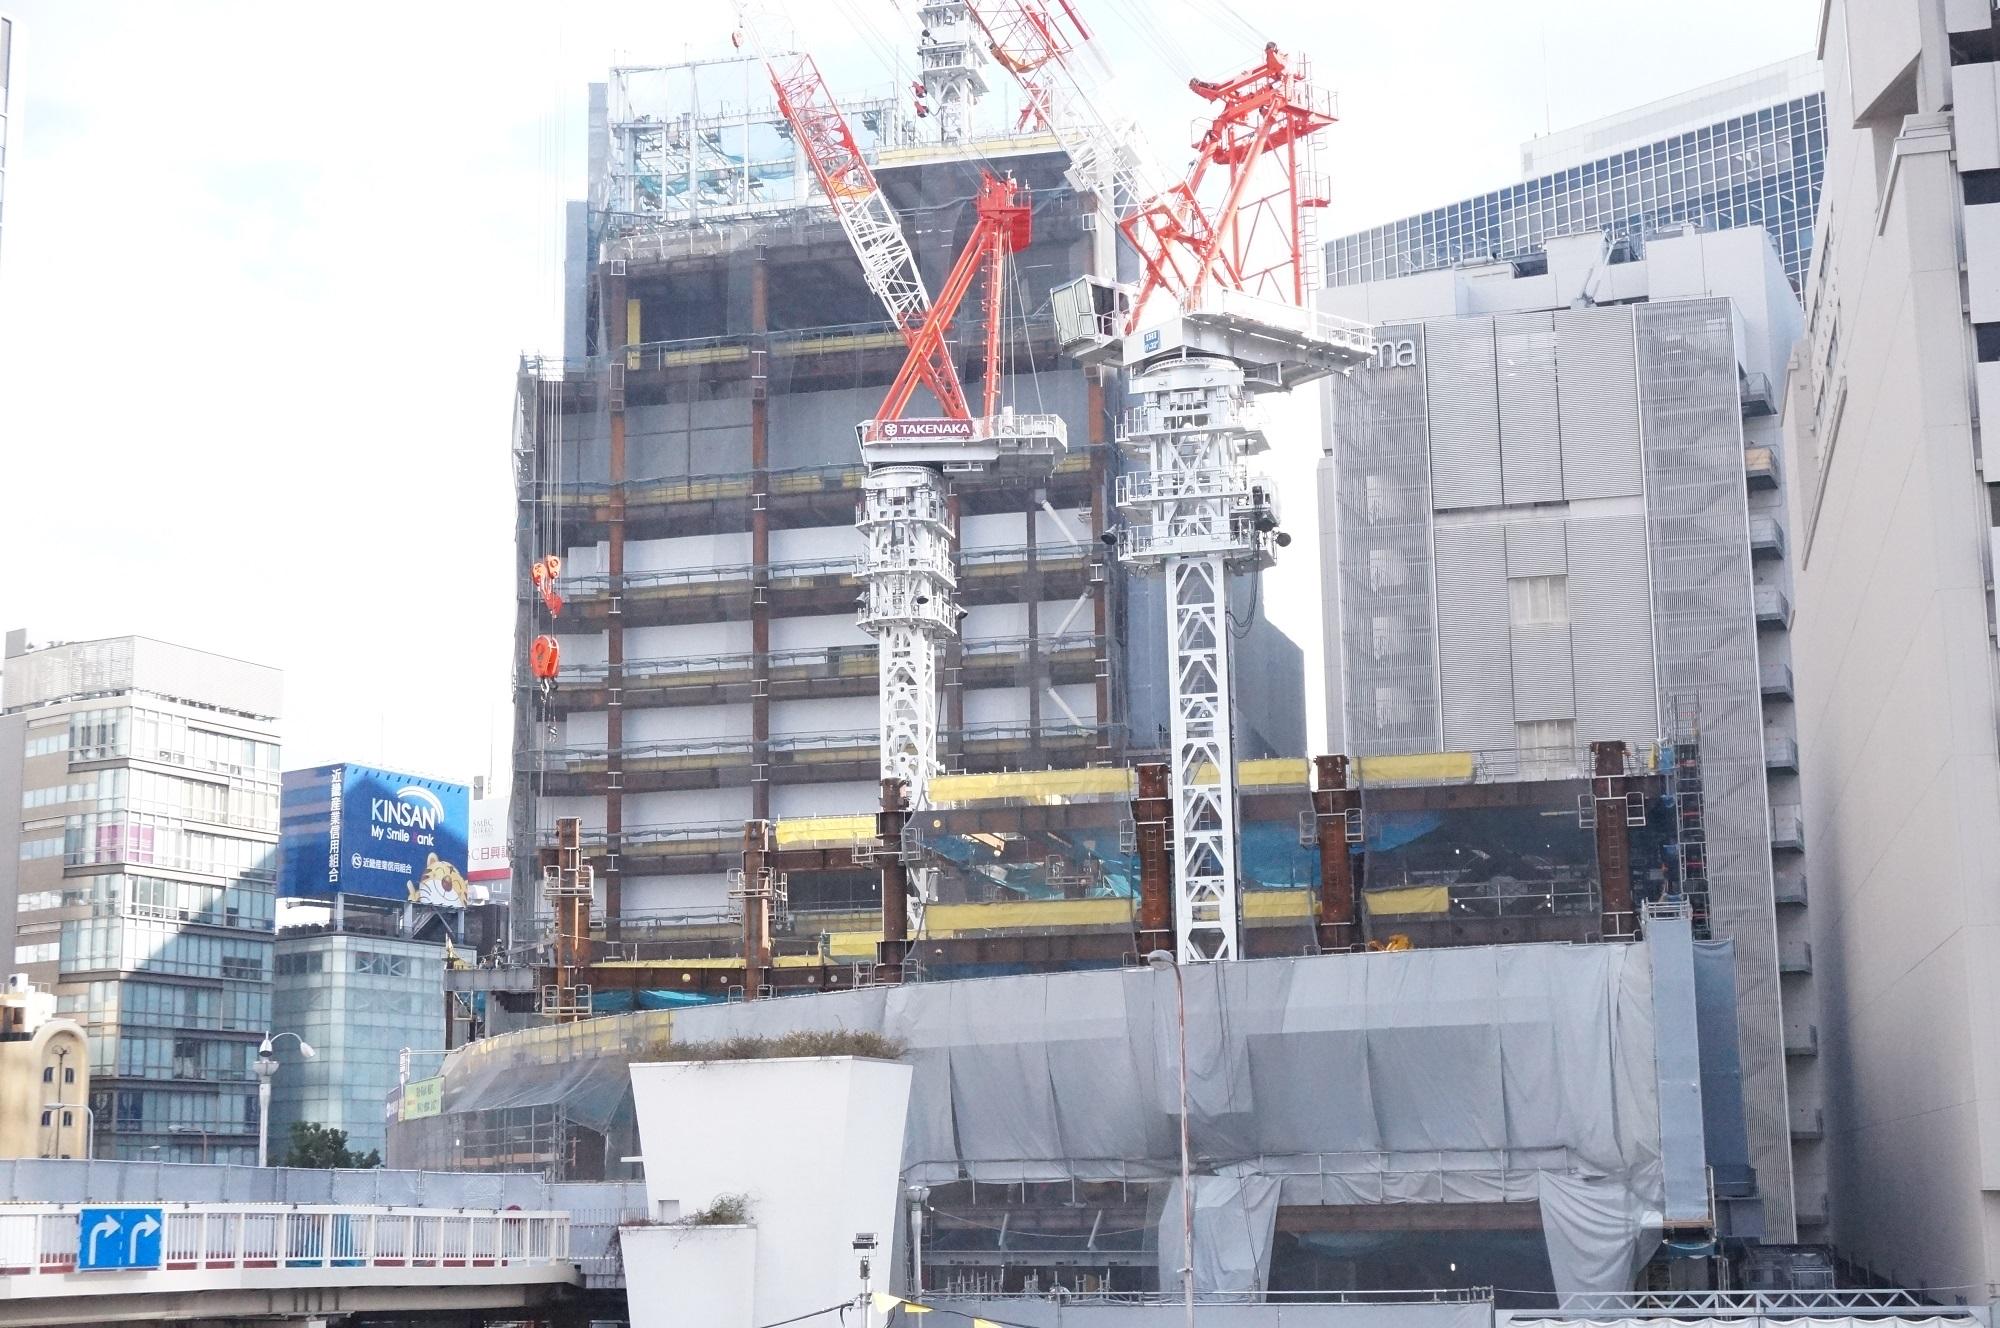 阪神百貨店の改修工事の様子を見てきた